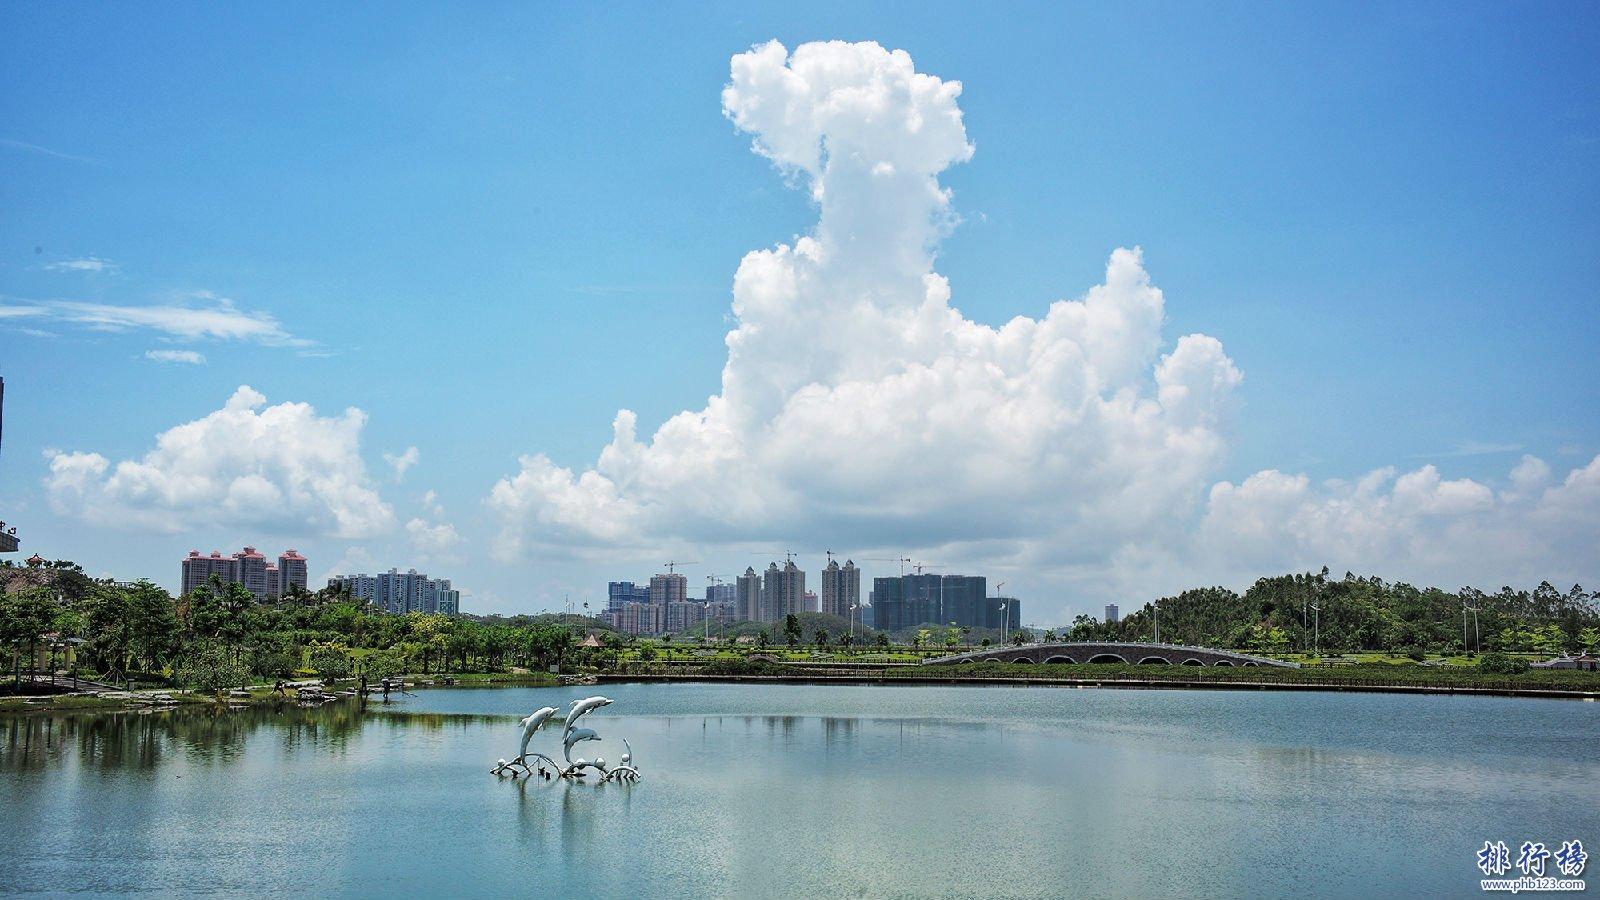 2017年7月防城港房价各区排行榜,上思县房价一年内狂降34.07%